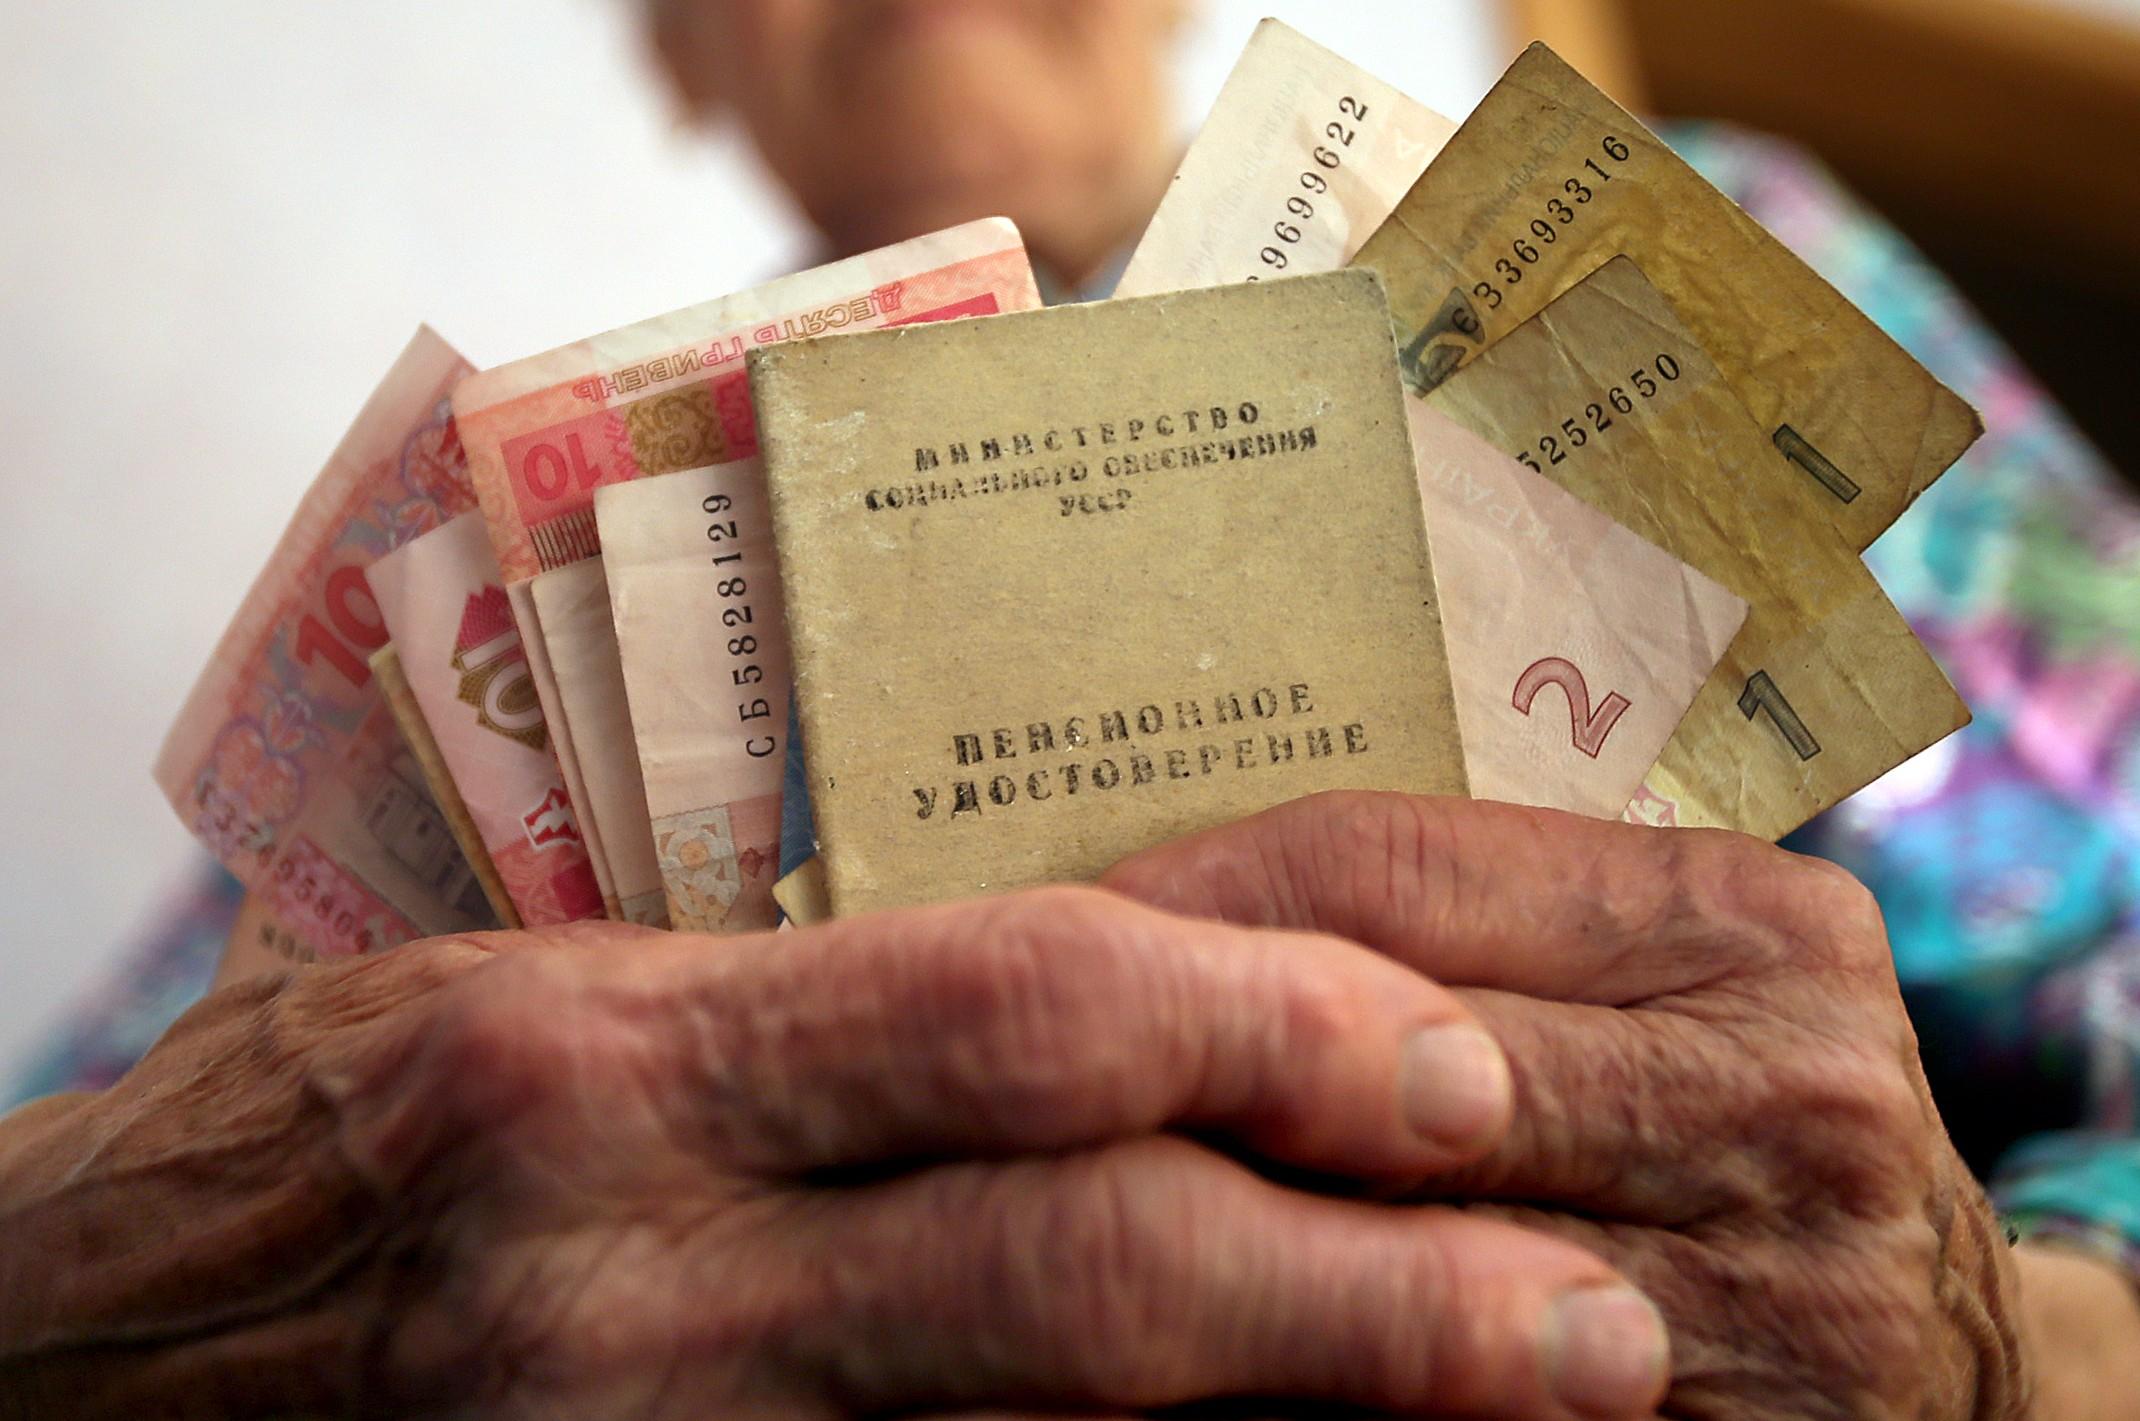 Когда будет повышение пенсии по инвалидности в 2017 году и на сколько процентов